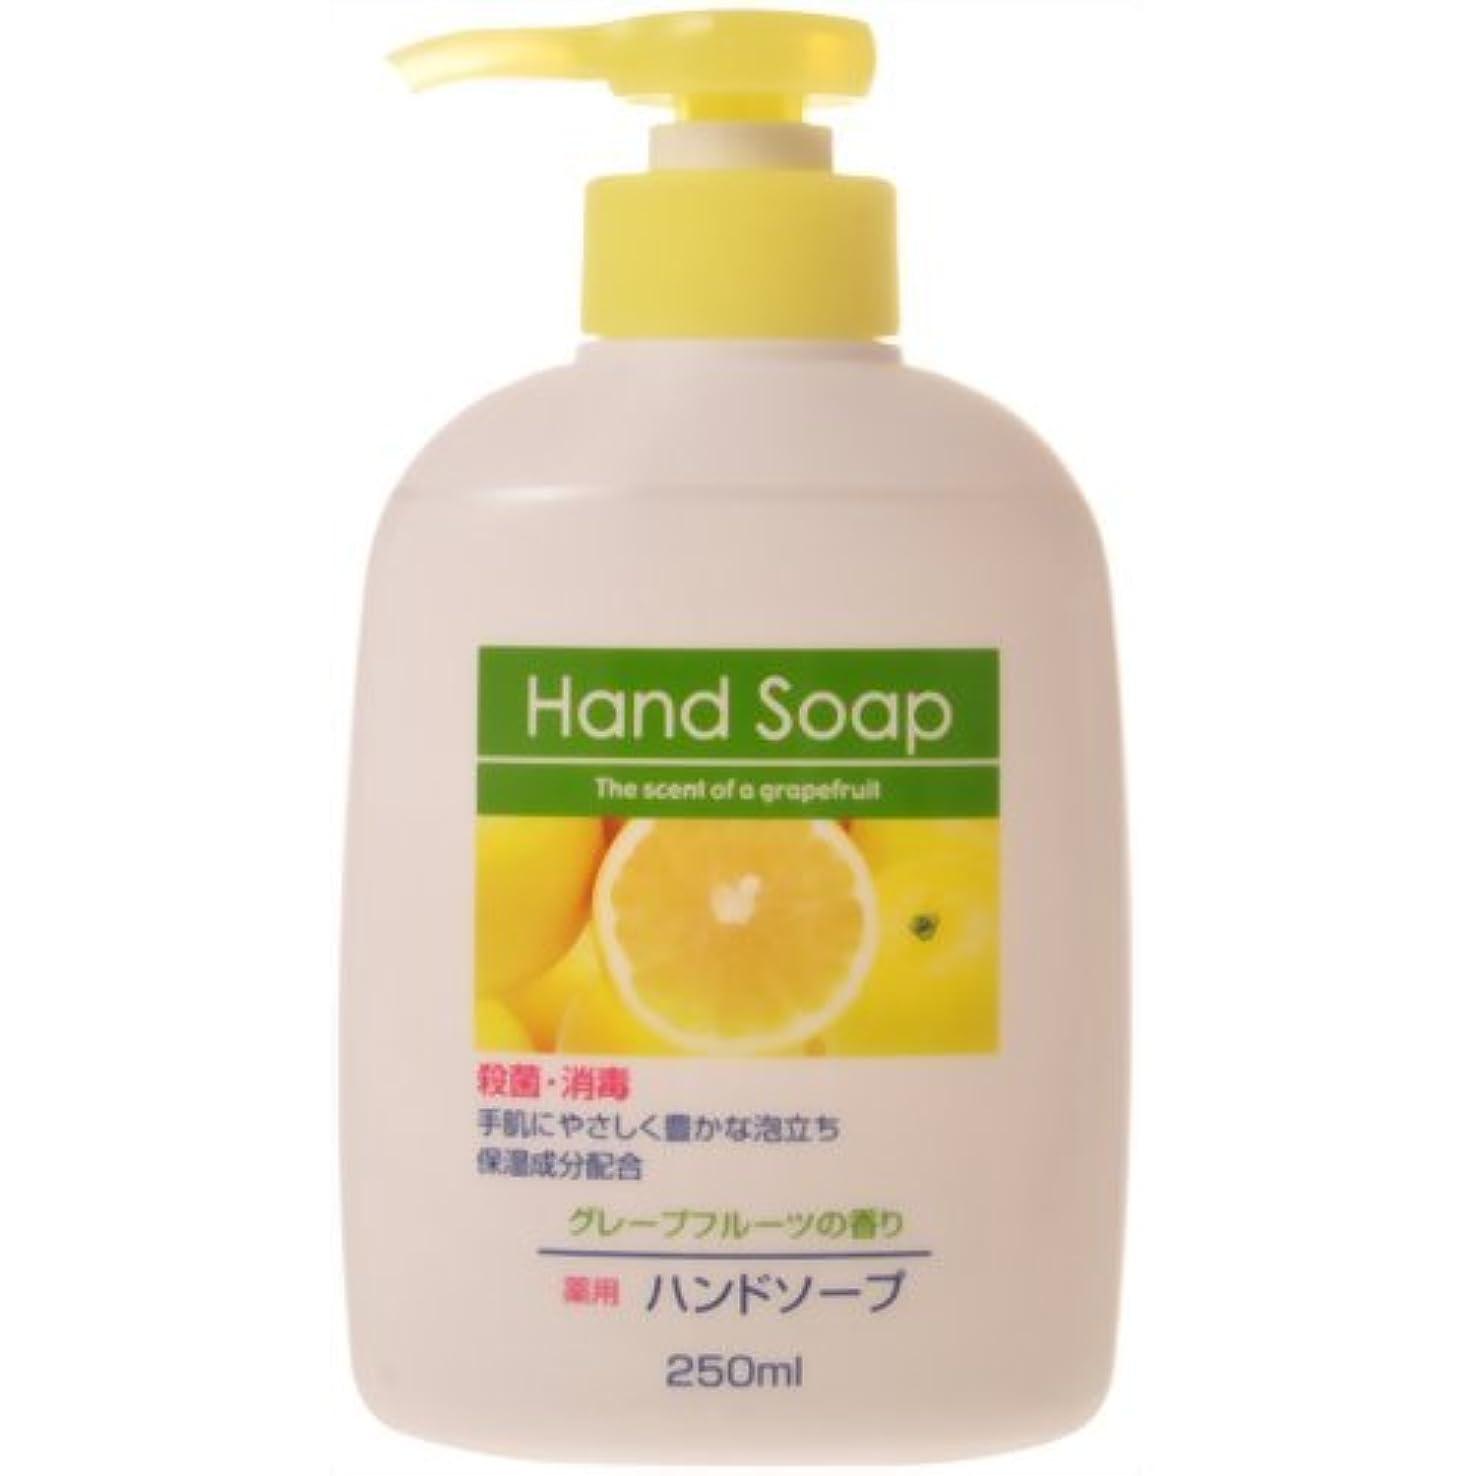 追い払う部屋を掃除する文字薬用ハンドソープ グレープフルーツの香り 本体 250ml